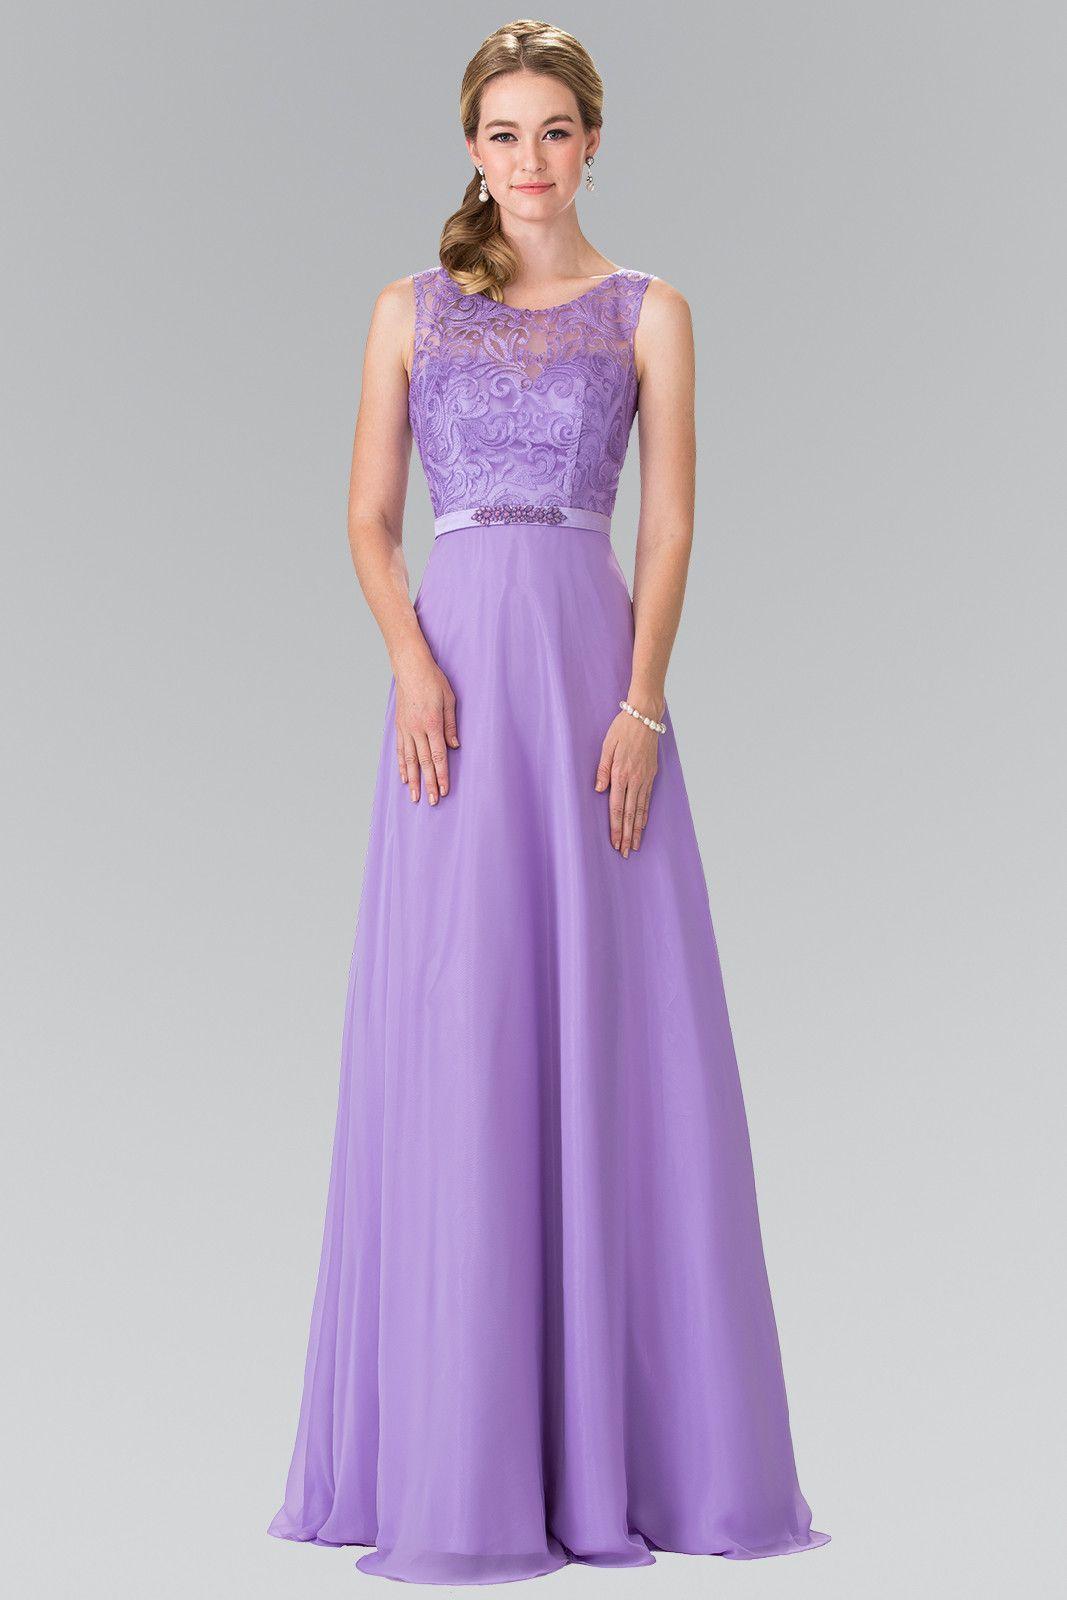 Lace bodice long chiffon bridesmaid dress Gl #2364